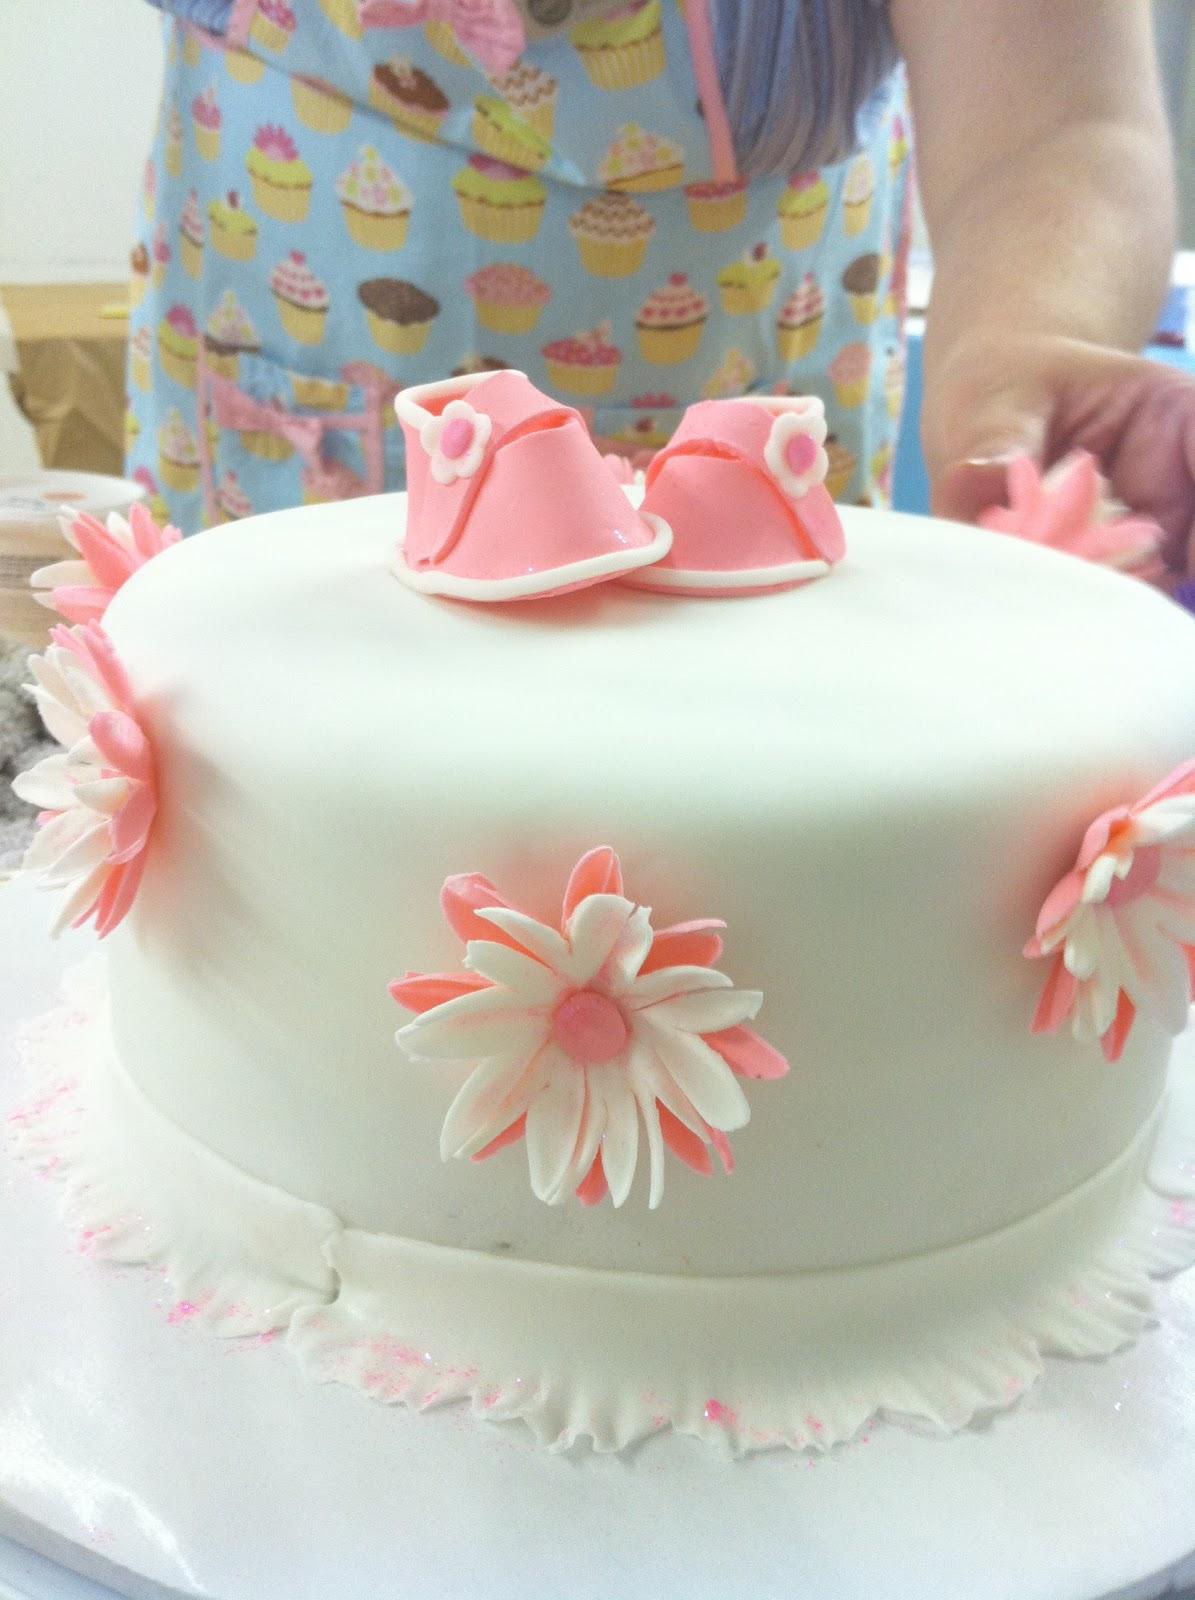 Jen Takes the Cake: Cake Art